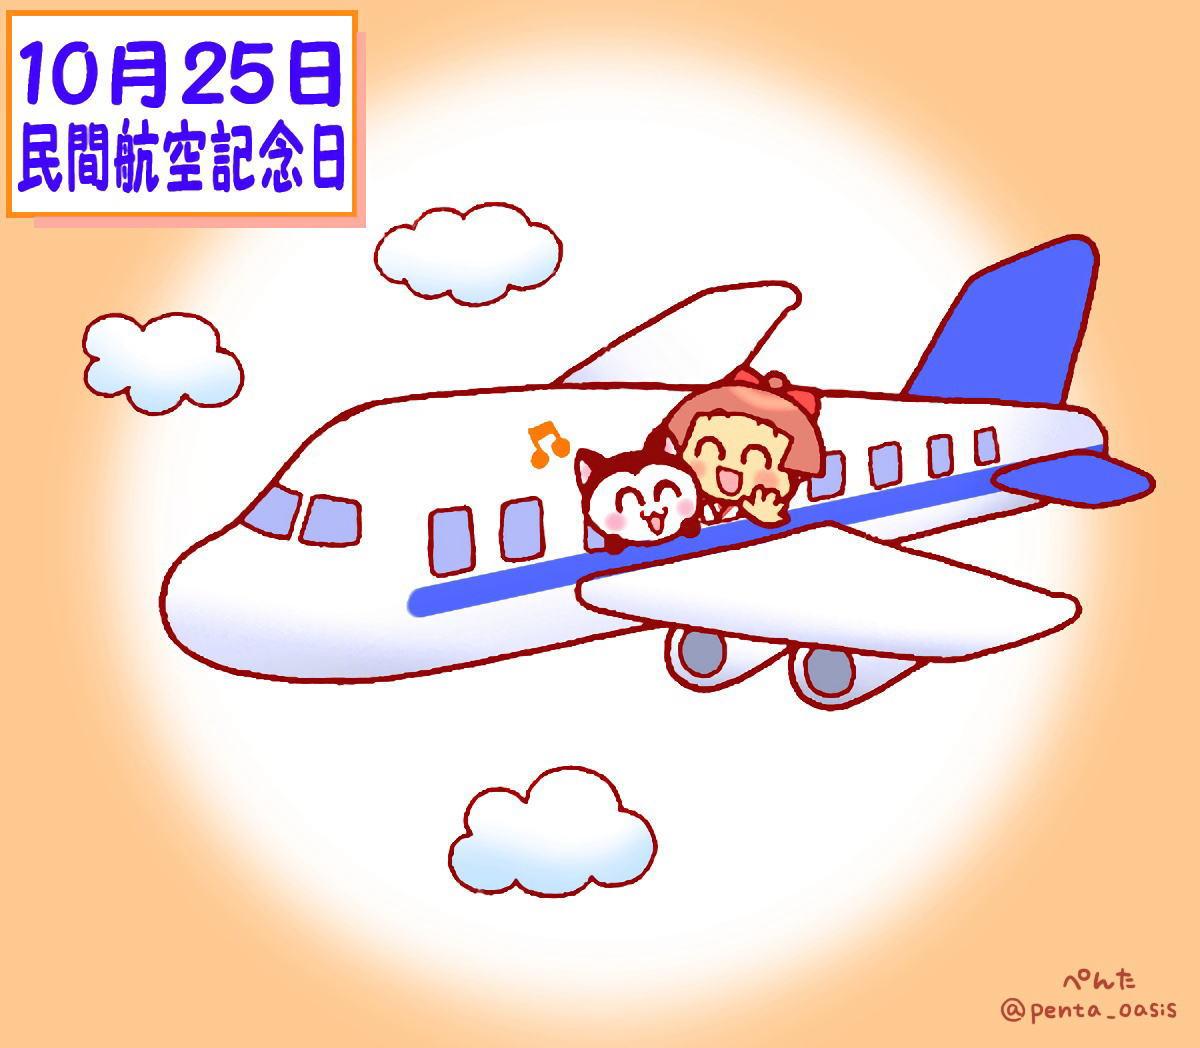 10月25日 民間航空記念日 <366...